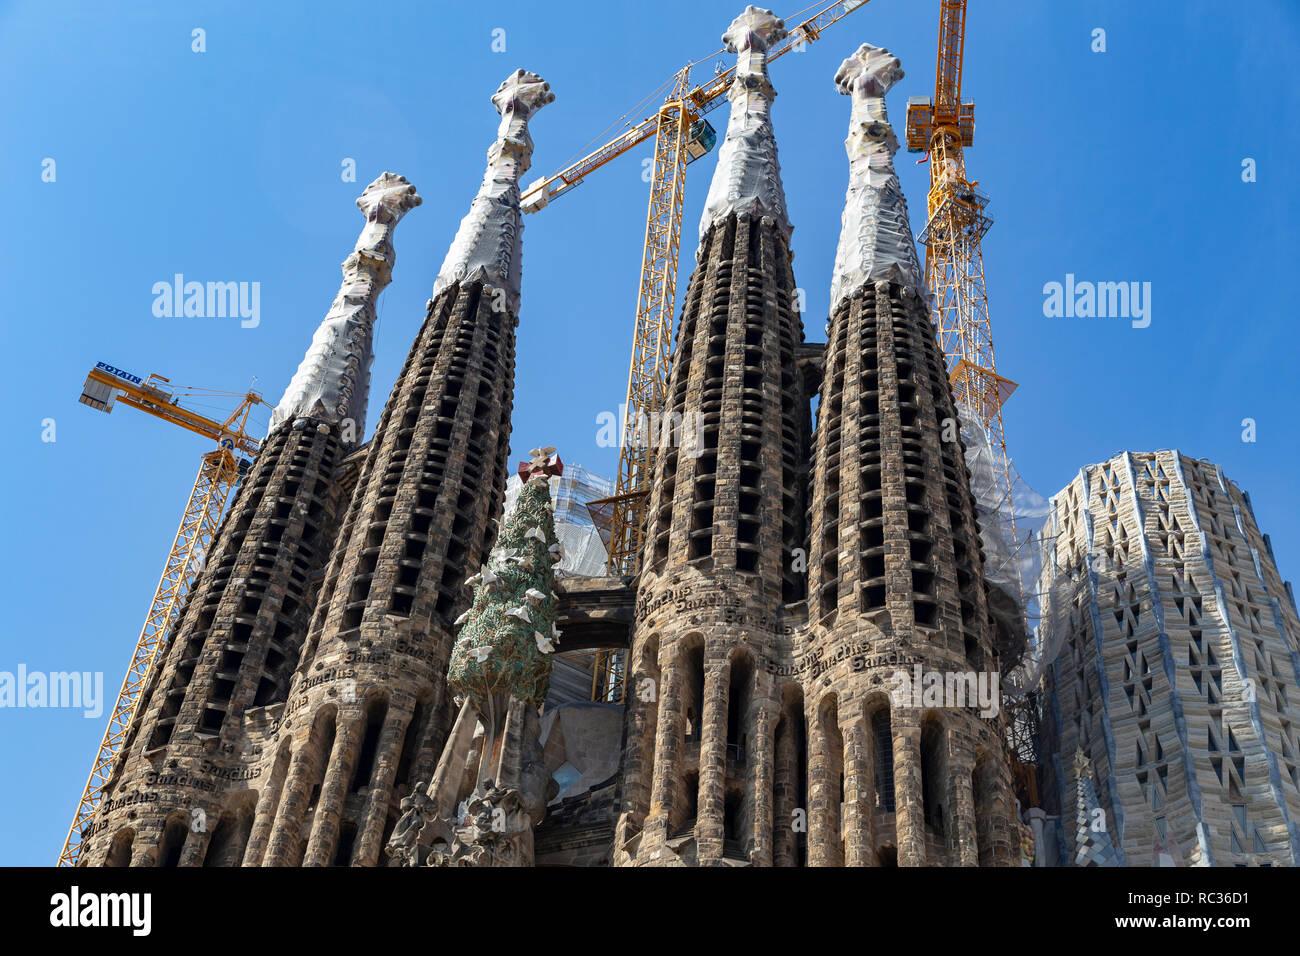 La Sagrada Familia vista frontale, progettato da Antoni Gaudi, UNESCO, barcellona catalogna (Catalunya), Spagna Foto Stock